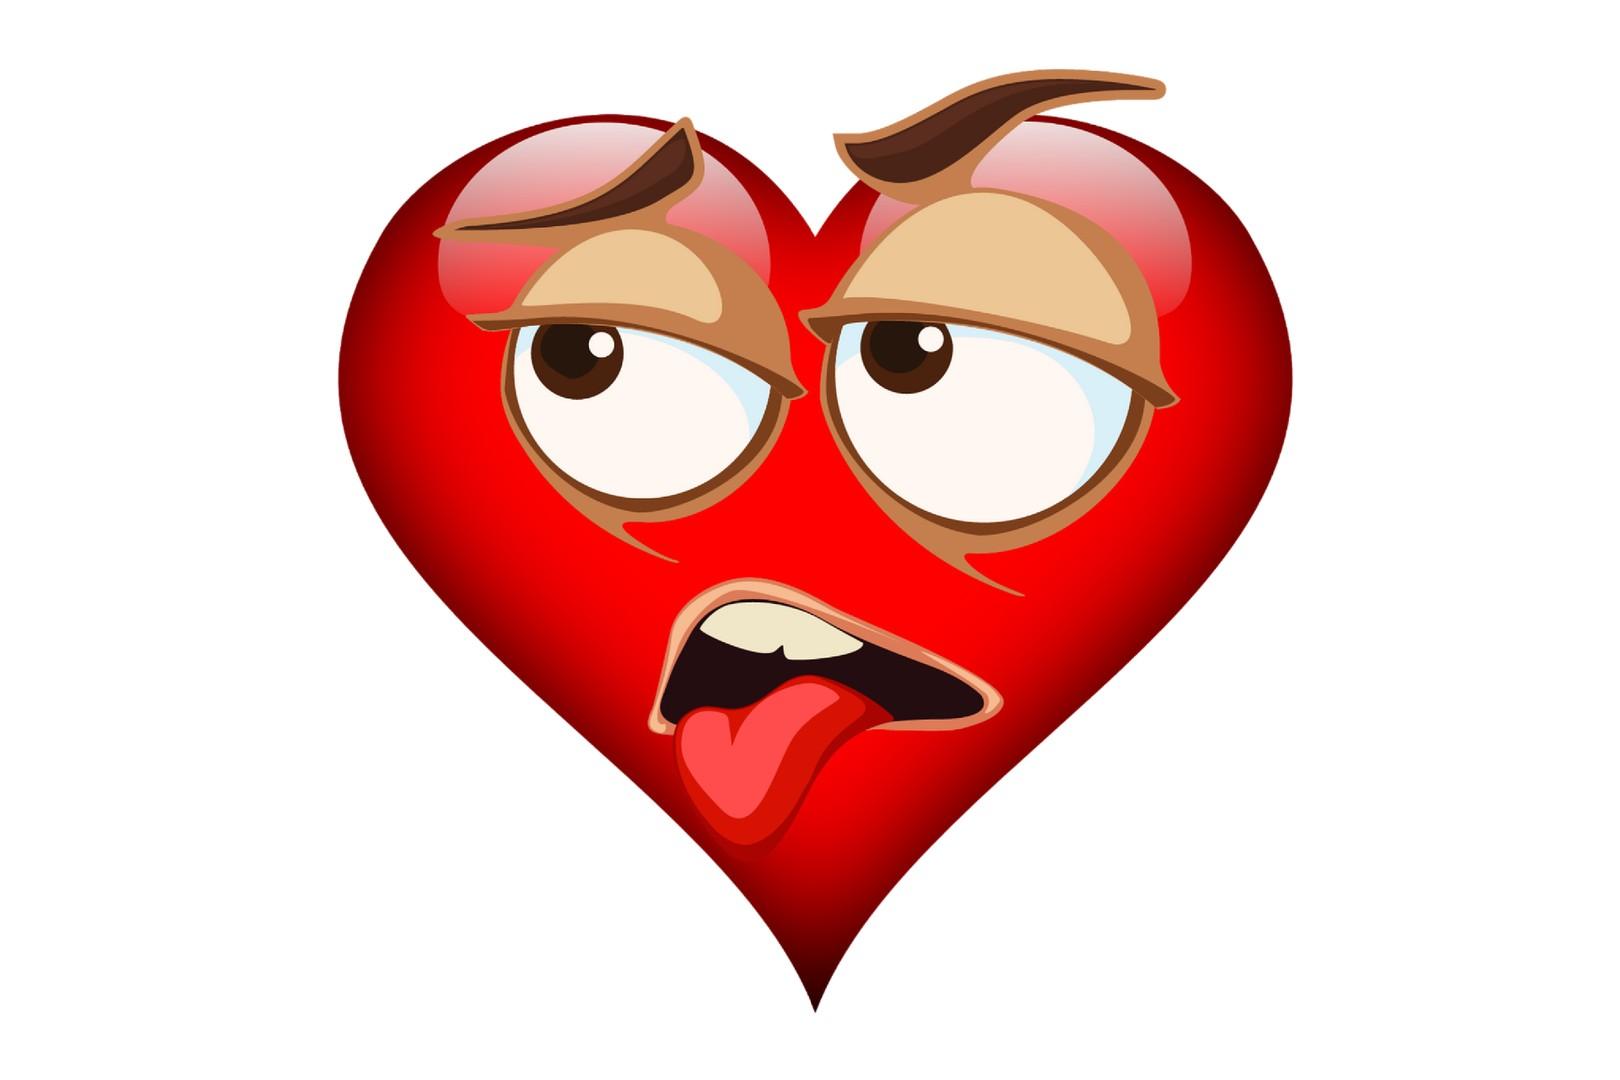 Что делать, если разлюбила мужа: советы психолога от Plachu.НЕТ